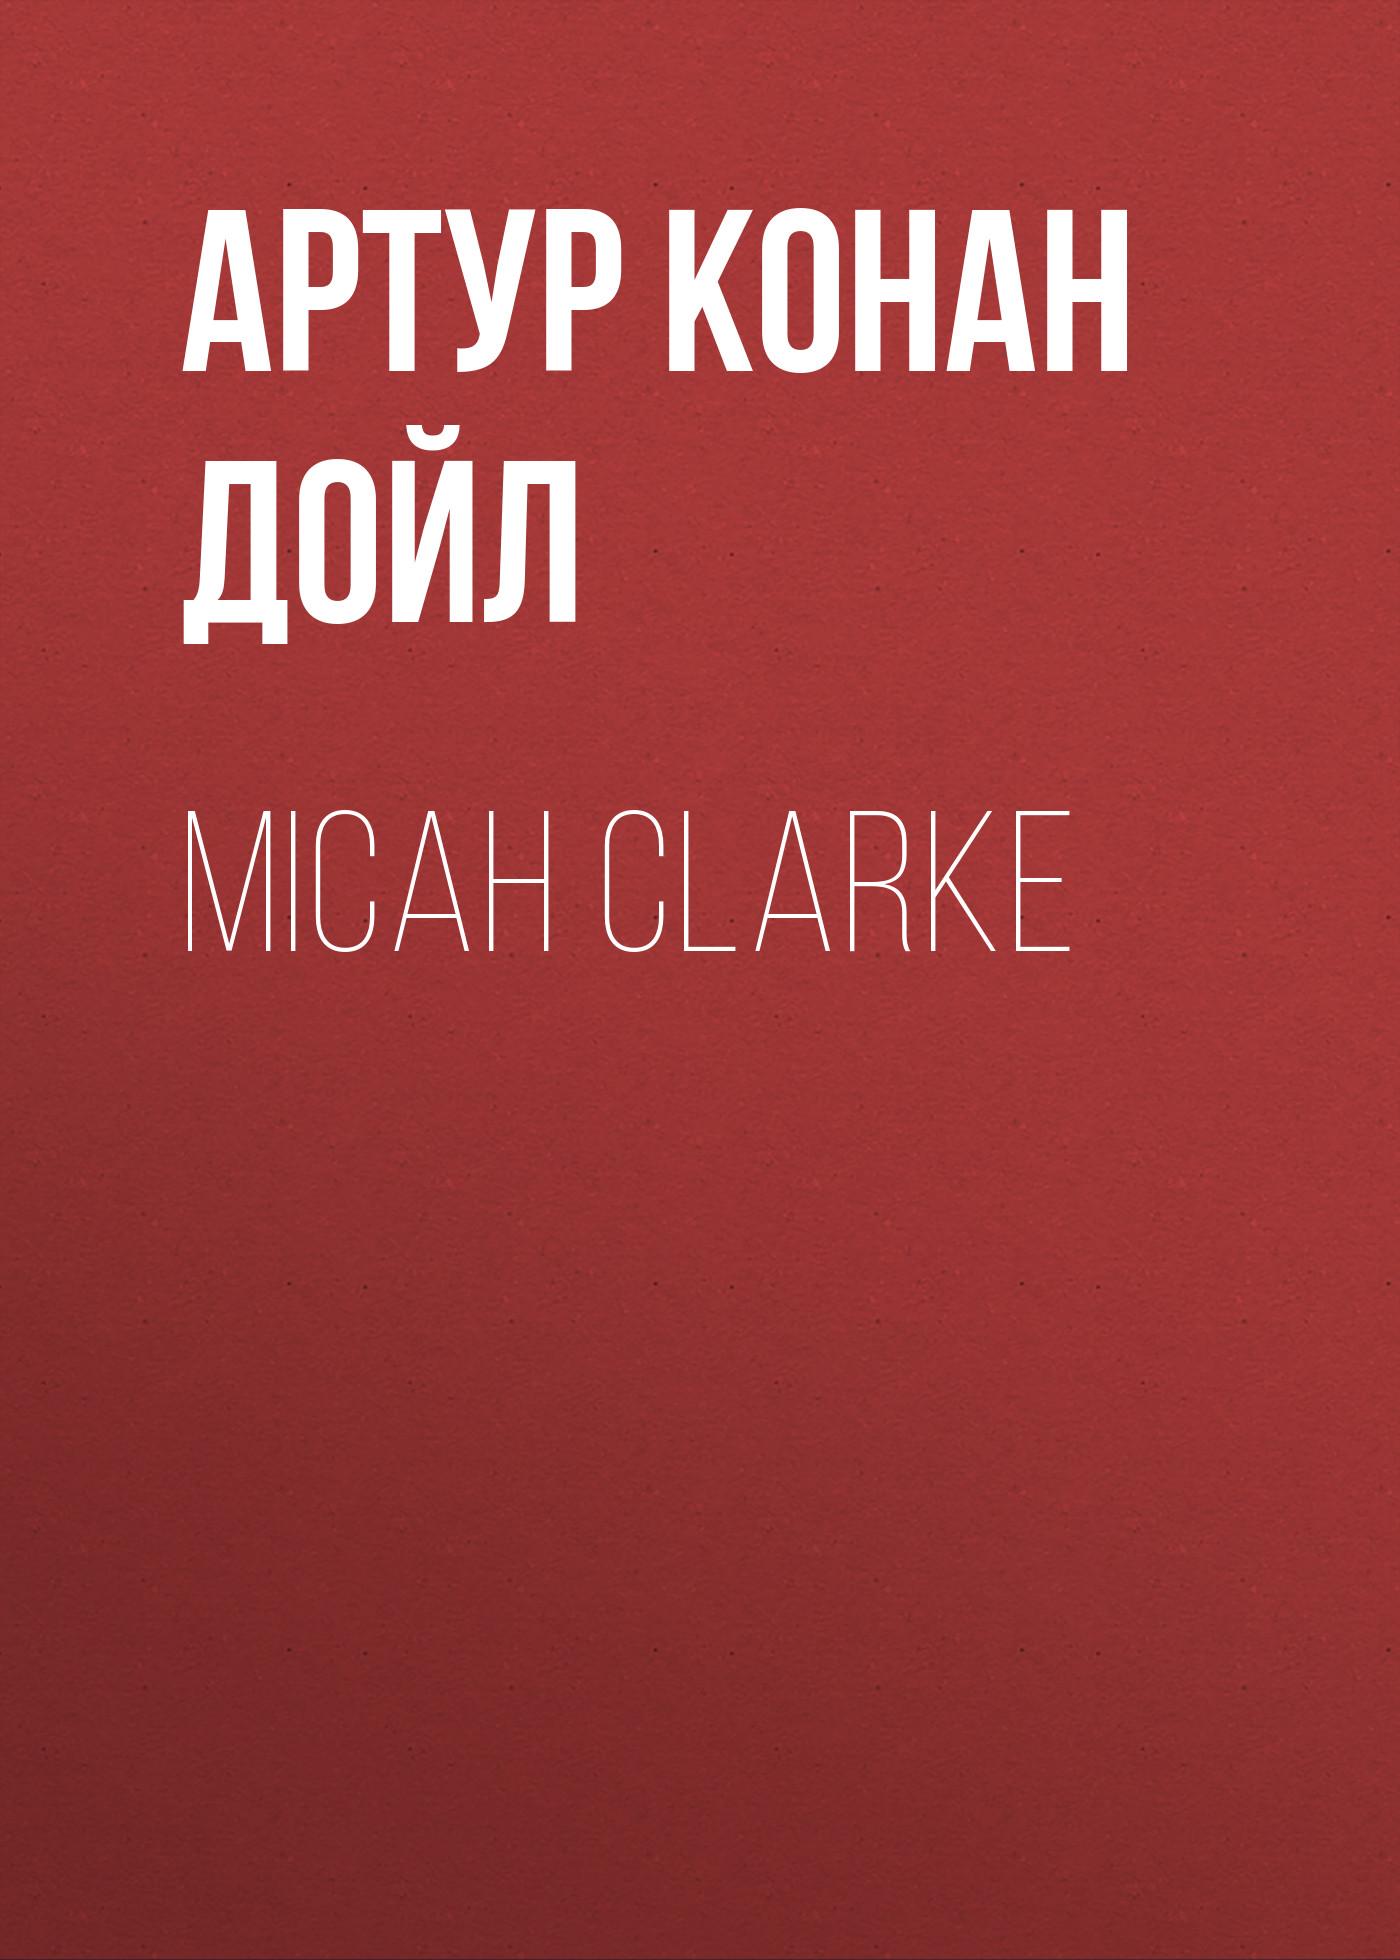 Артур Конан Дойл Micah Clarke doyle a micah clarke ii isbn 9785521071418